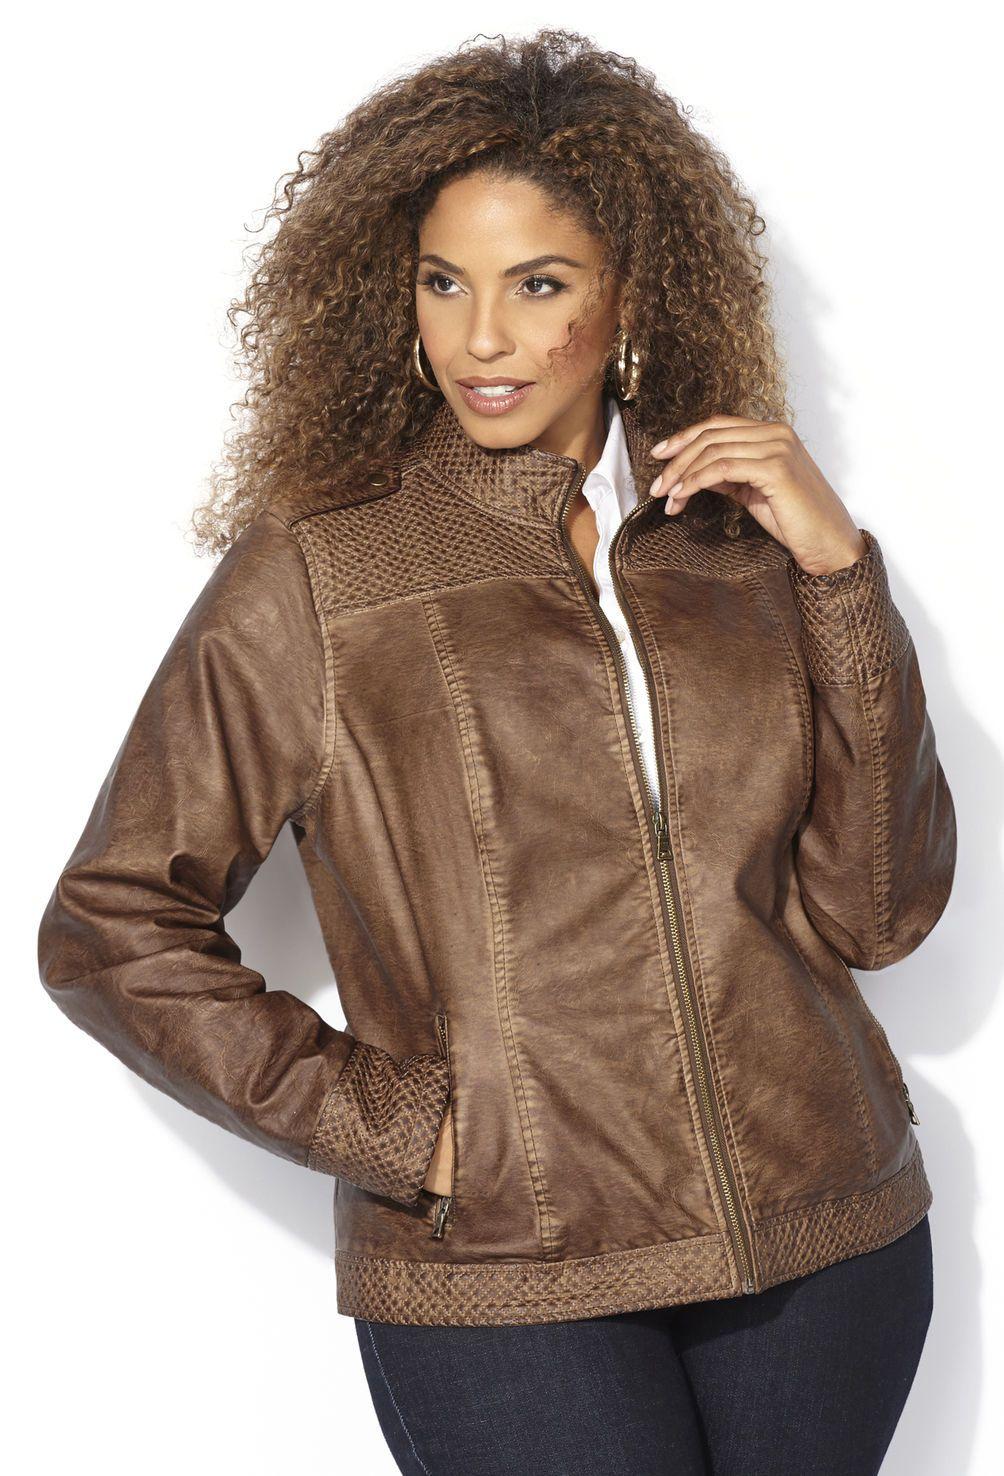 52fa6a740cc5d Garment Dyed Faux Leather Jacket-Plus Size Jacket-Avenue